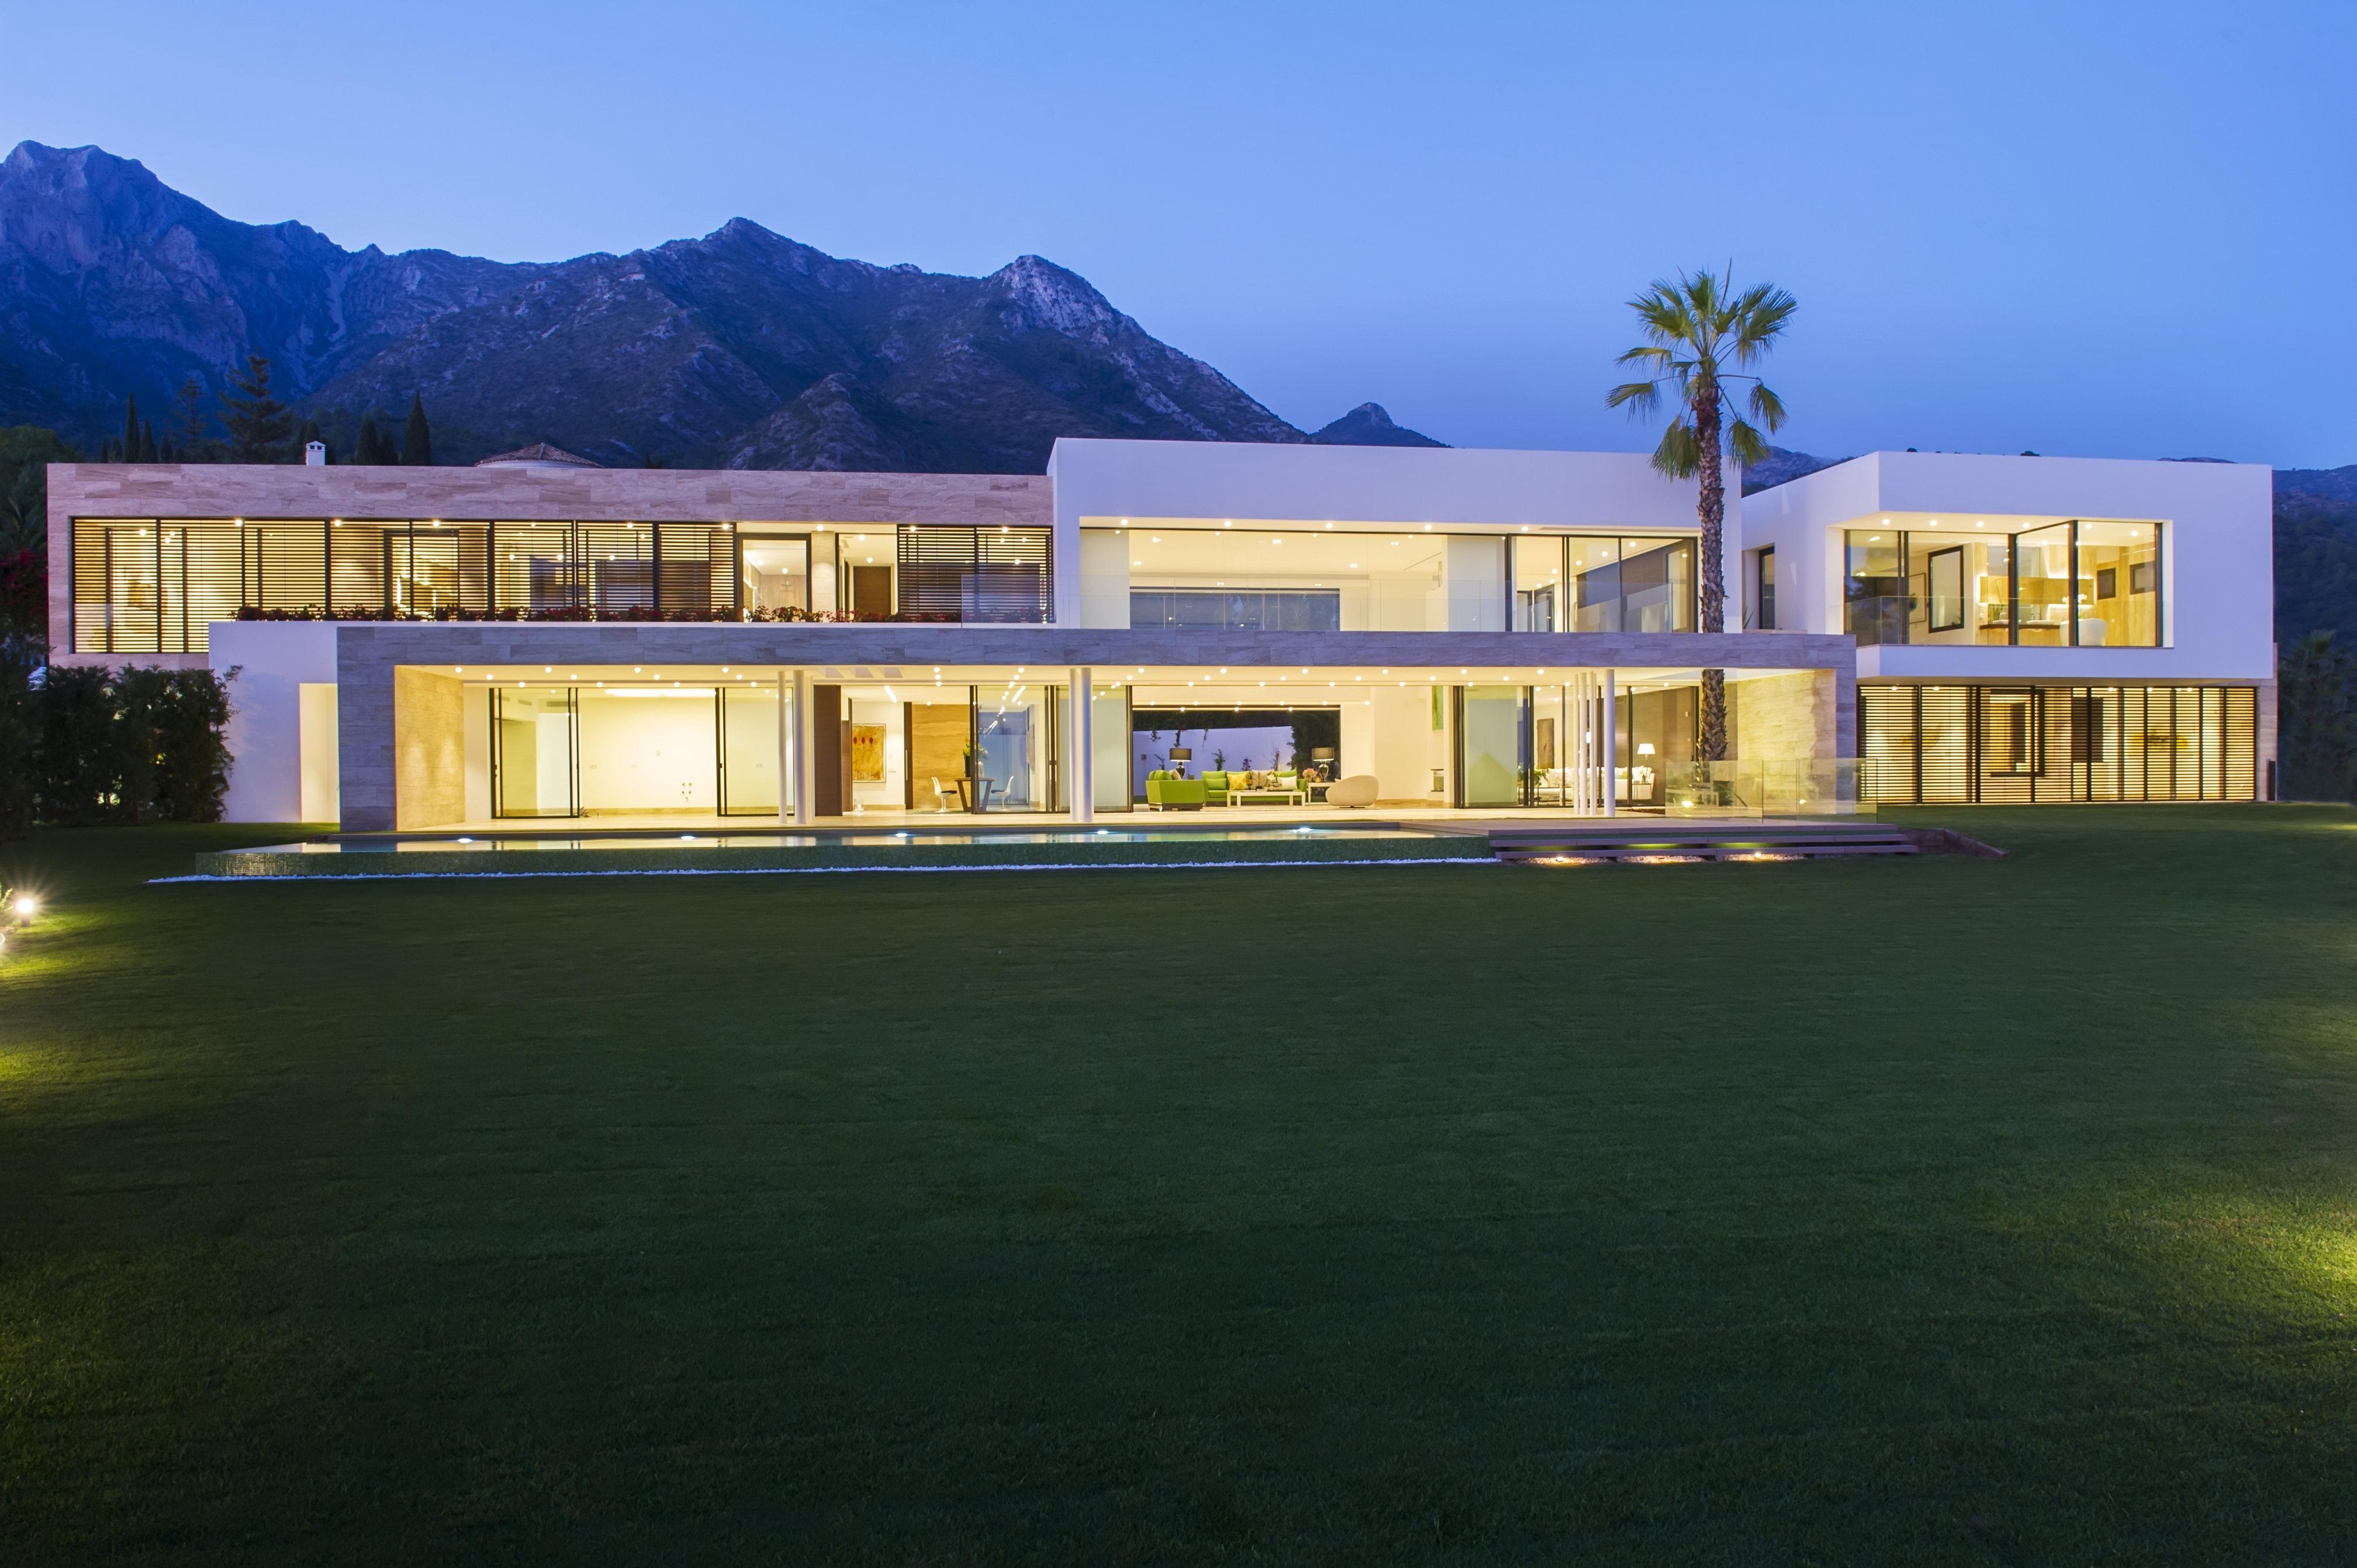 Maisons de style contemporain à Marbella